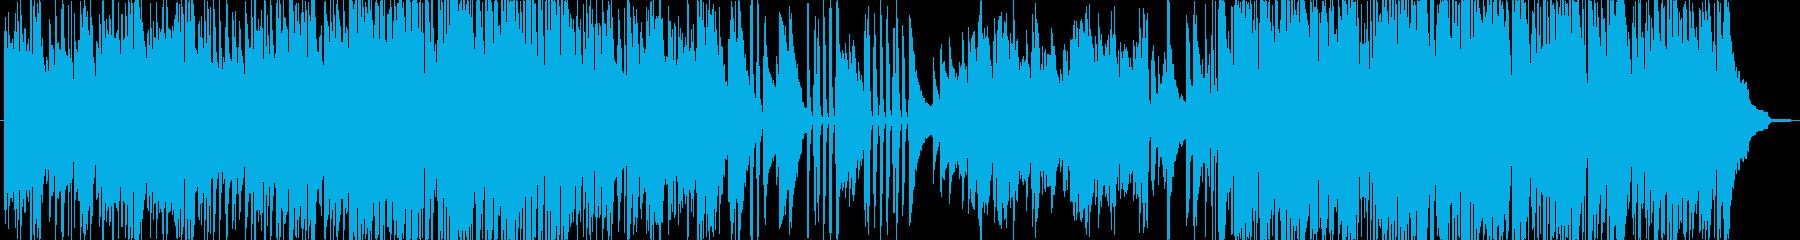 穏やかで軽快なアコーディオンアンサンブルの再生済みの波形